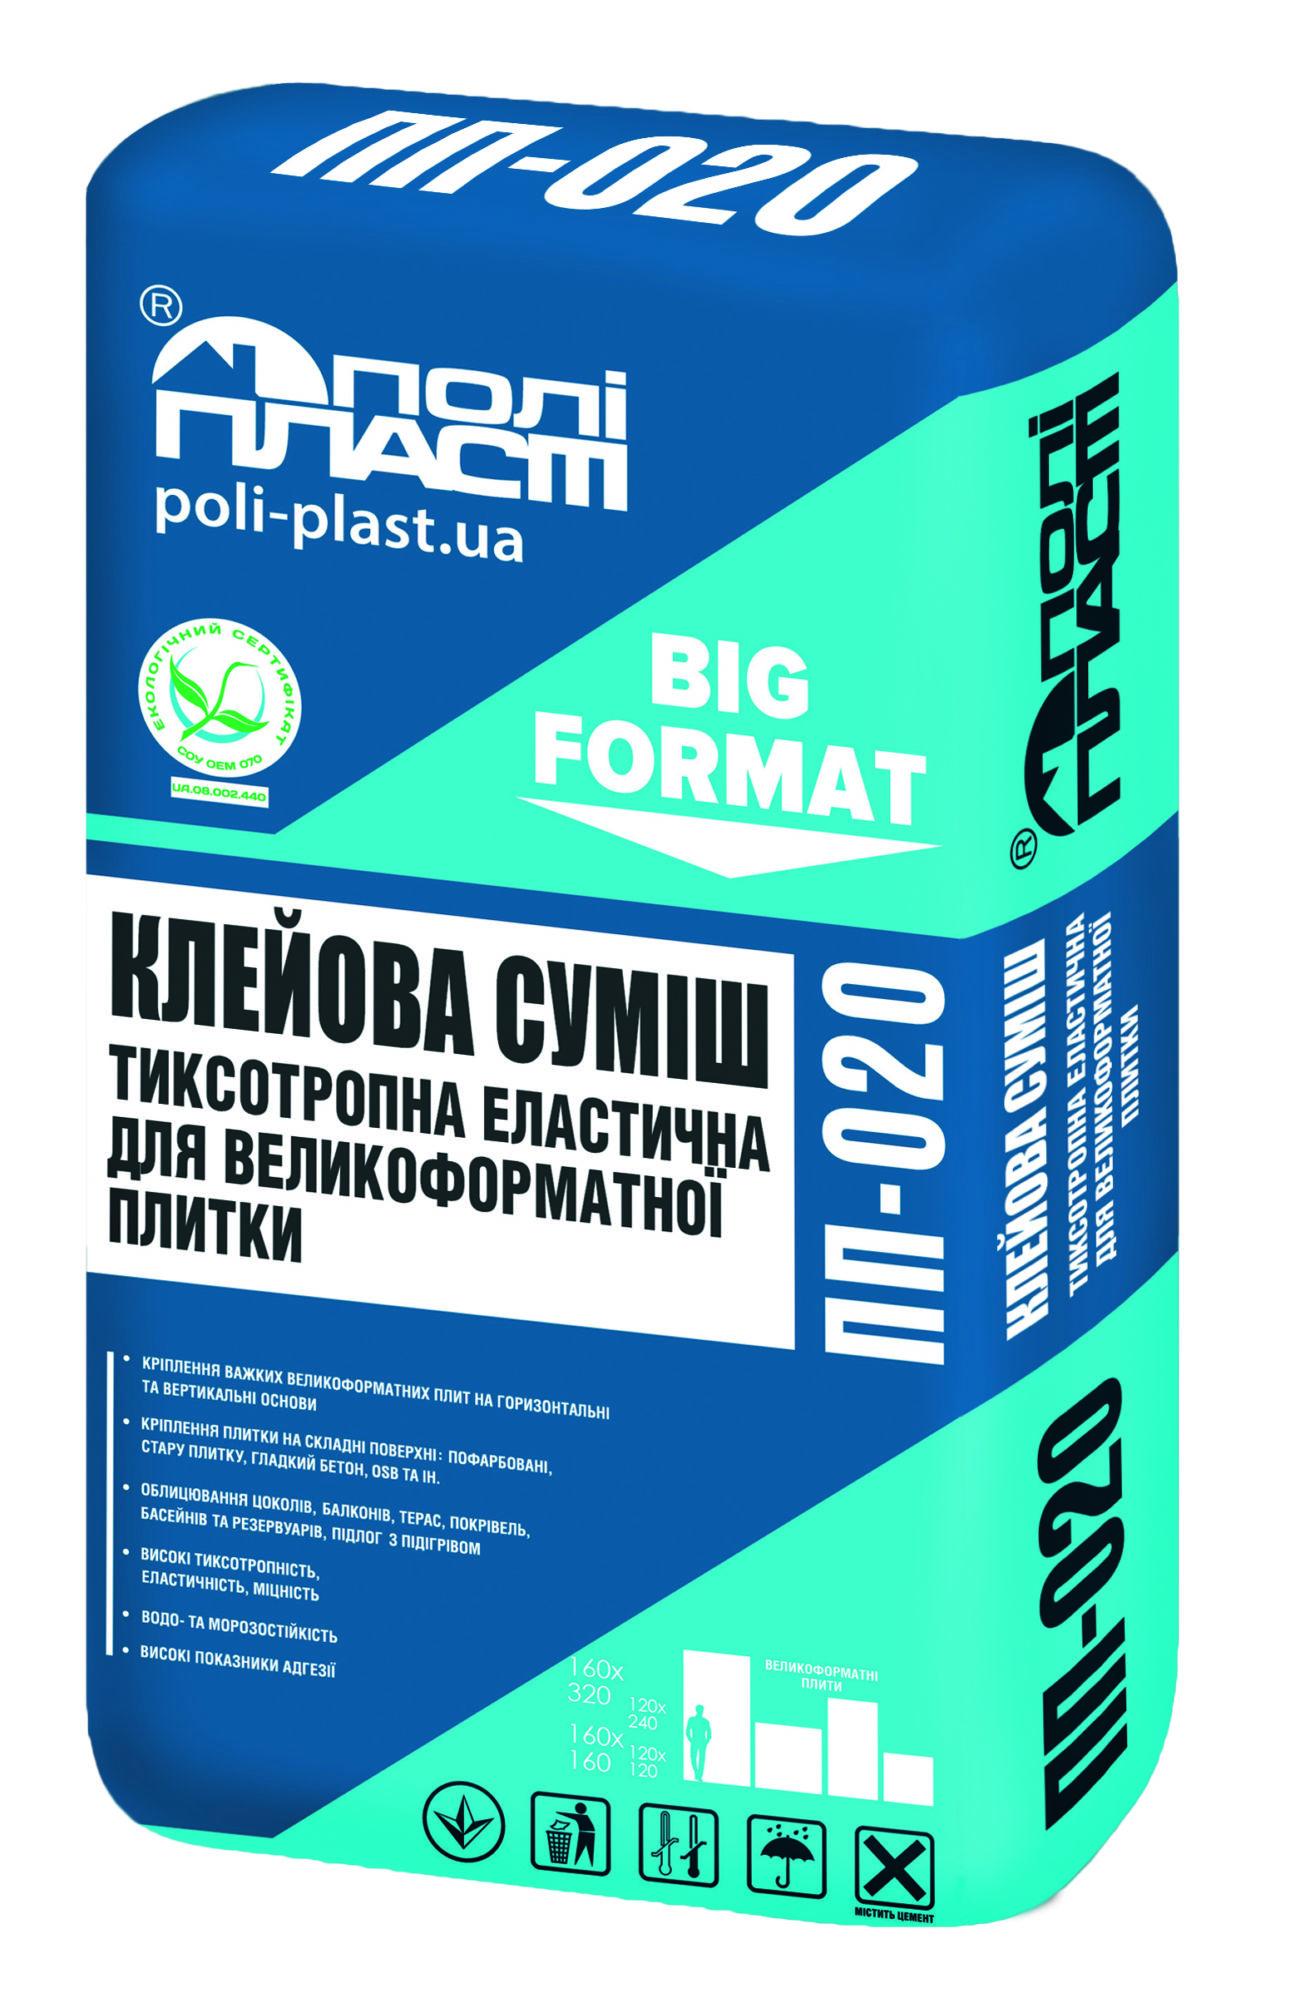 ПП-020 BIG FORMAT